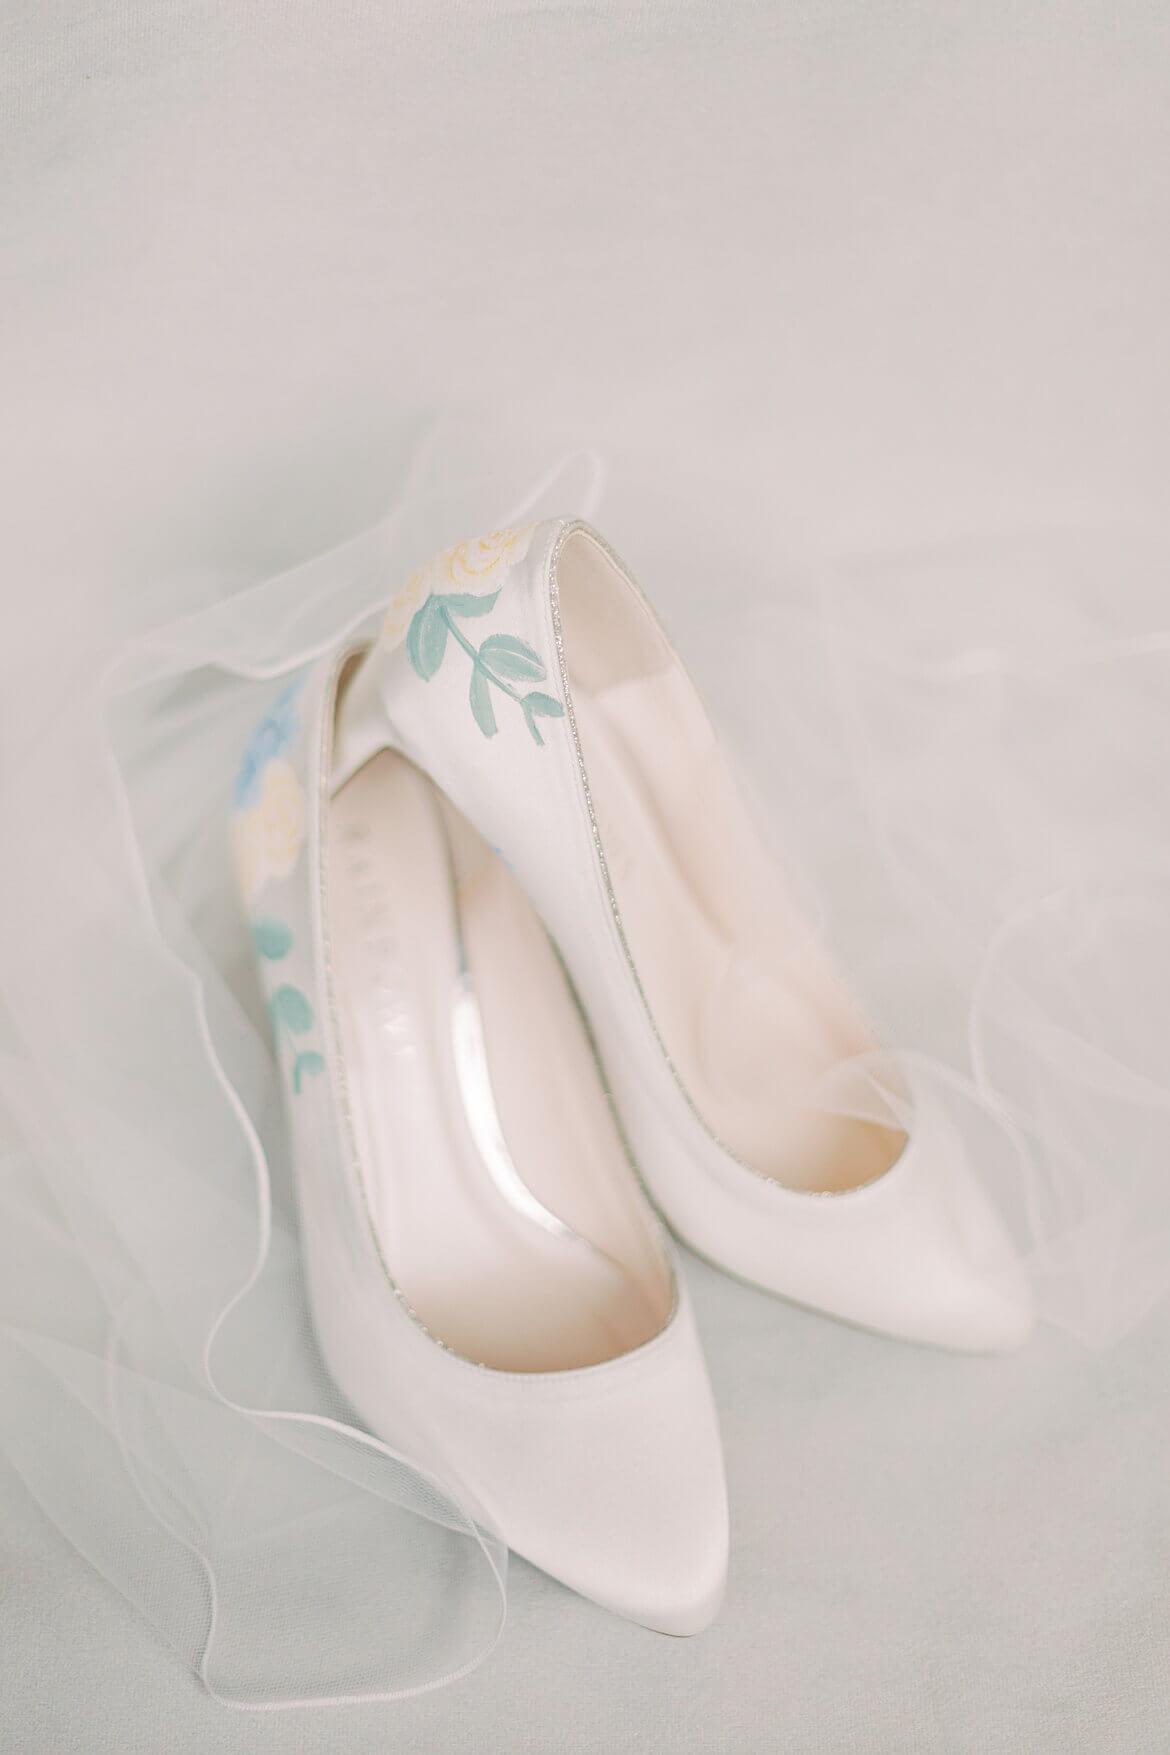 Brautschuhe mit gemalten Hortensien